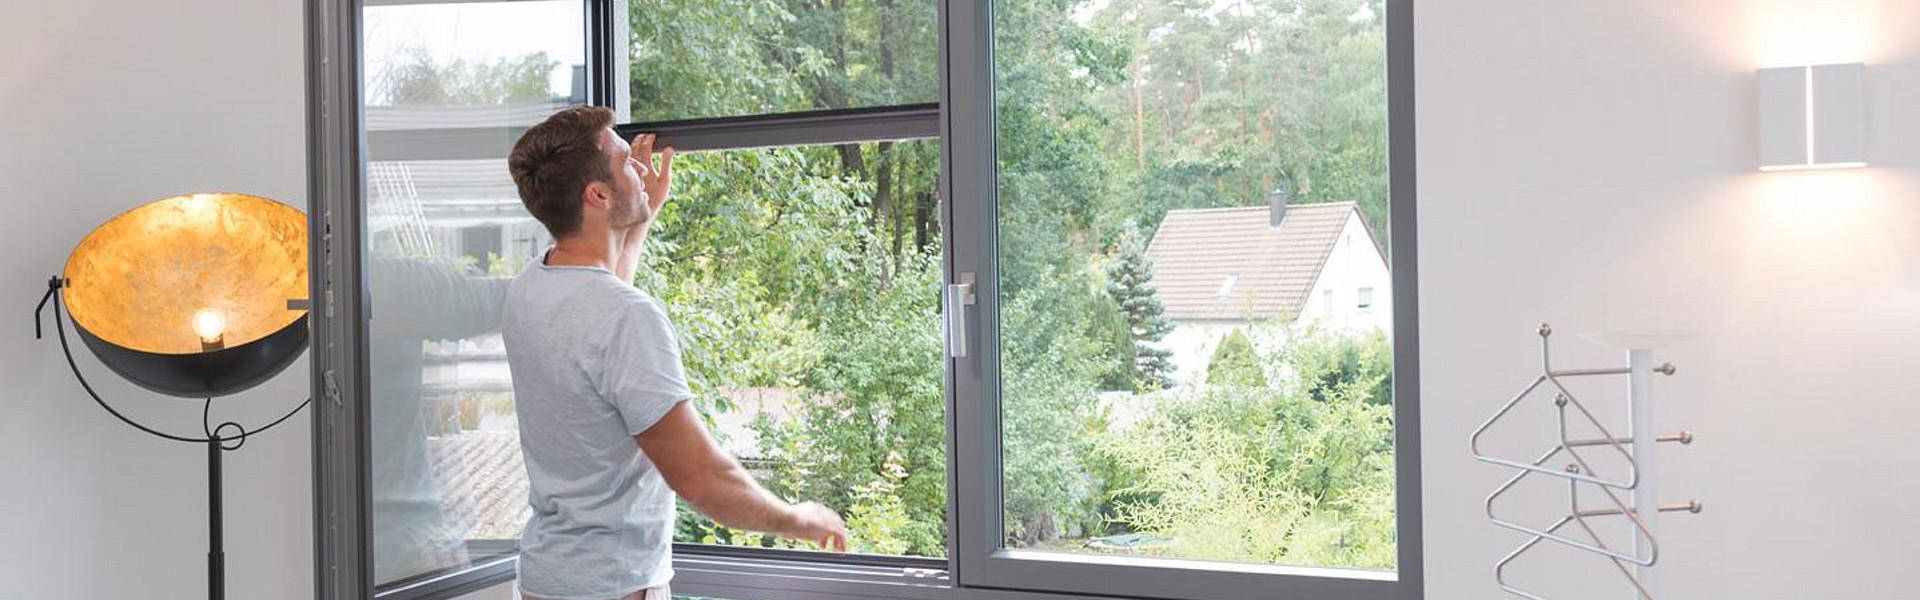 Full Size of Insektenschutzrollo Fr Fenster Lmmermann Erneuern Dreifachverglasung Neue Einbauen Sichtschutz Einbruchsicherung Rc 2 Einbau Winkhaus Sicherheitsfolie Alte Fenster Fenster Rollo